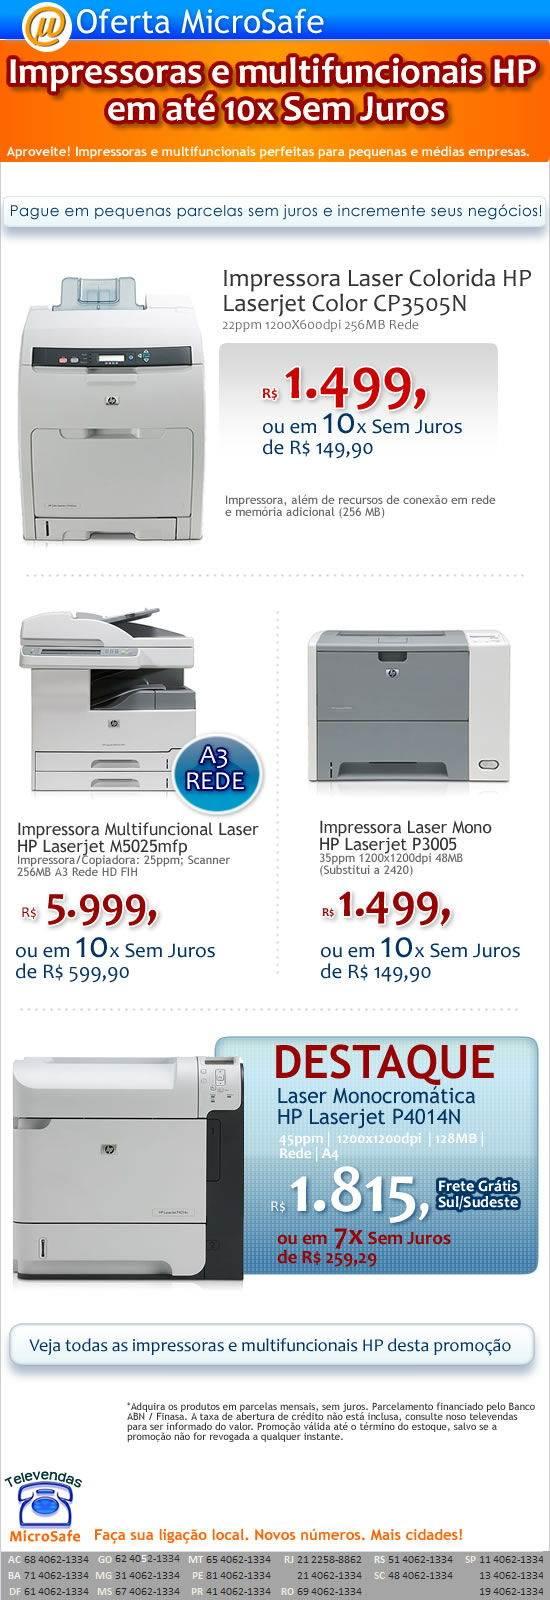 Impressoras e Multifuncionais HP em 10X Sem Juros